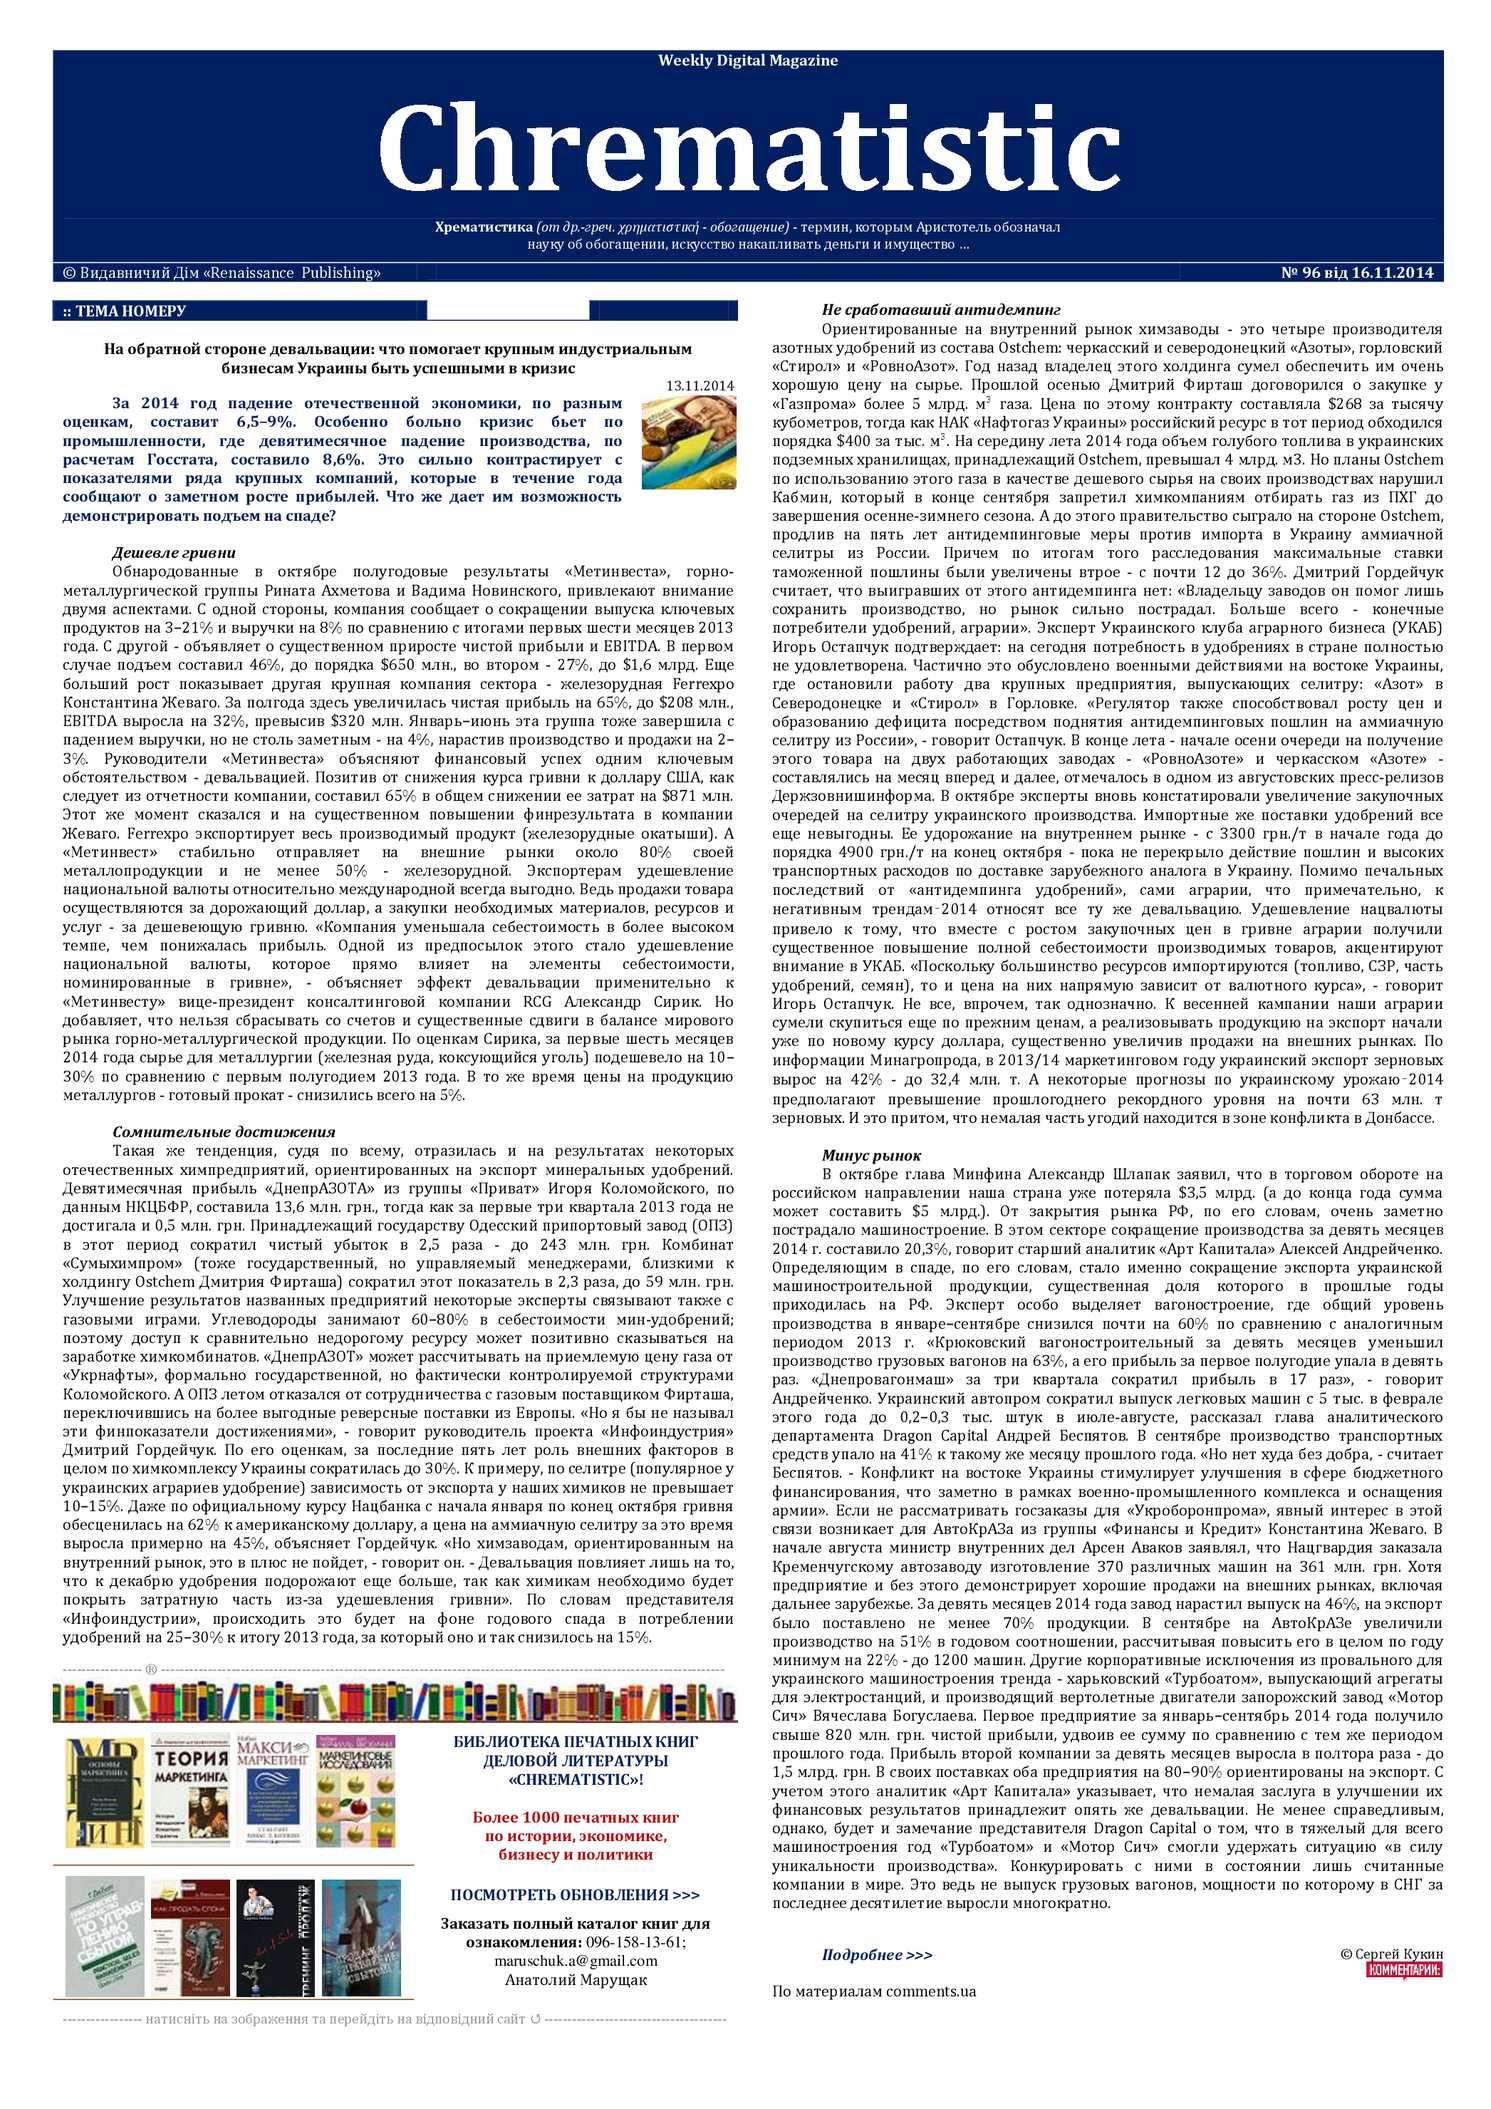 Calaméo - №96 Wdm «Chrematistic» от 16 11 2014 dea069cb542